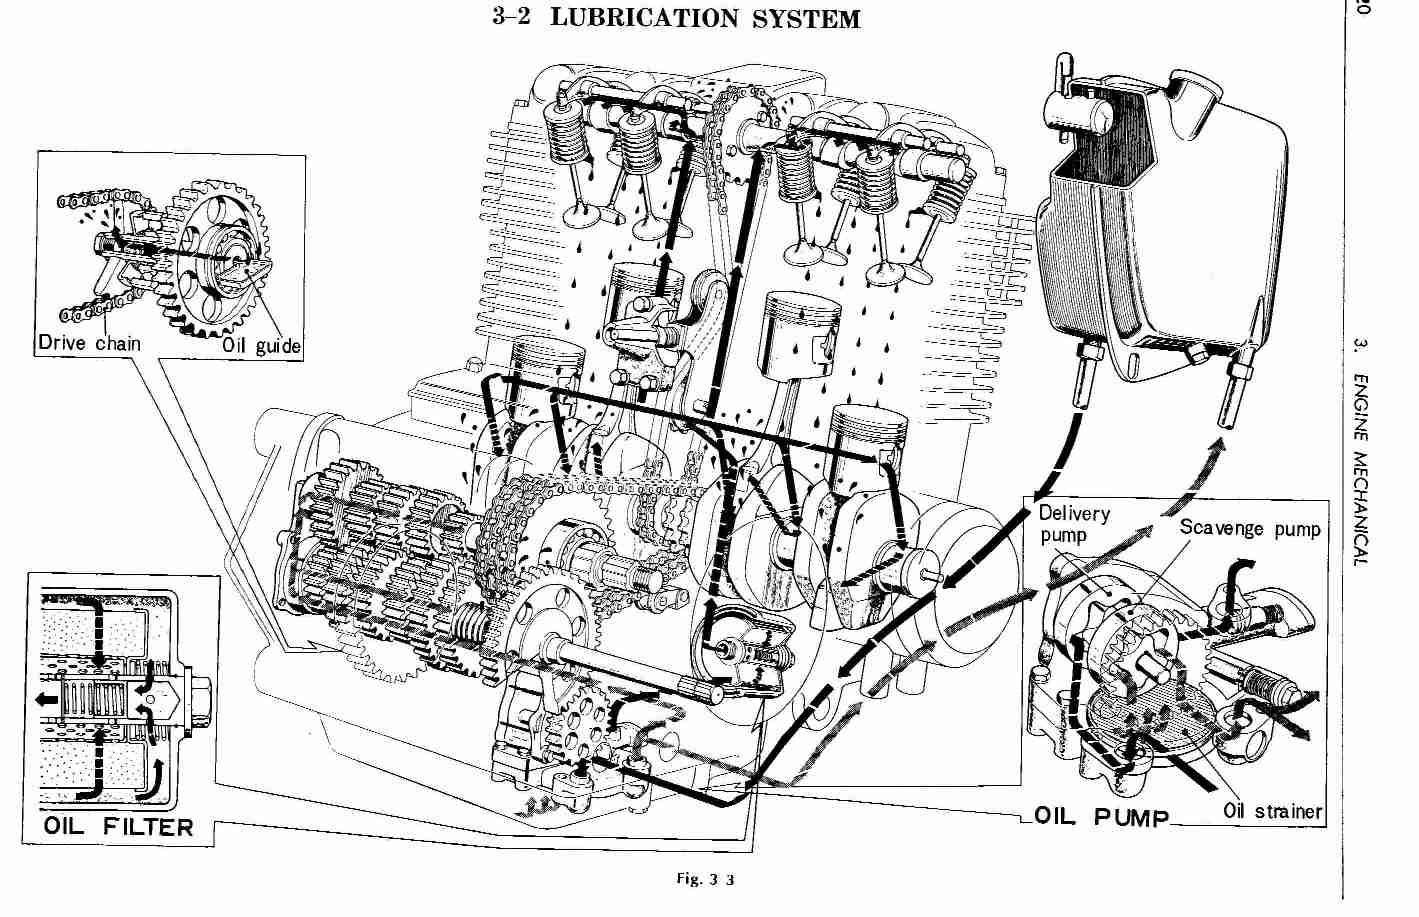 medium resolution of cb 750 k2 oil flow